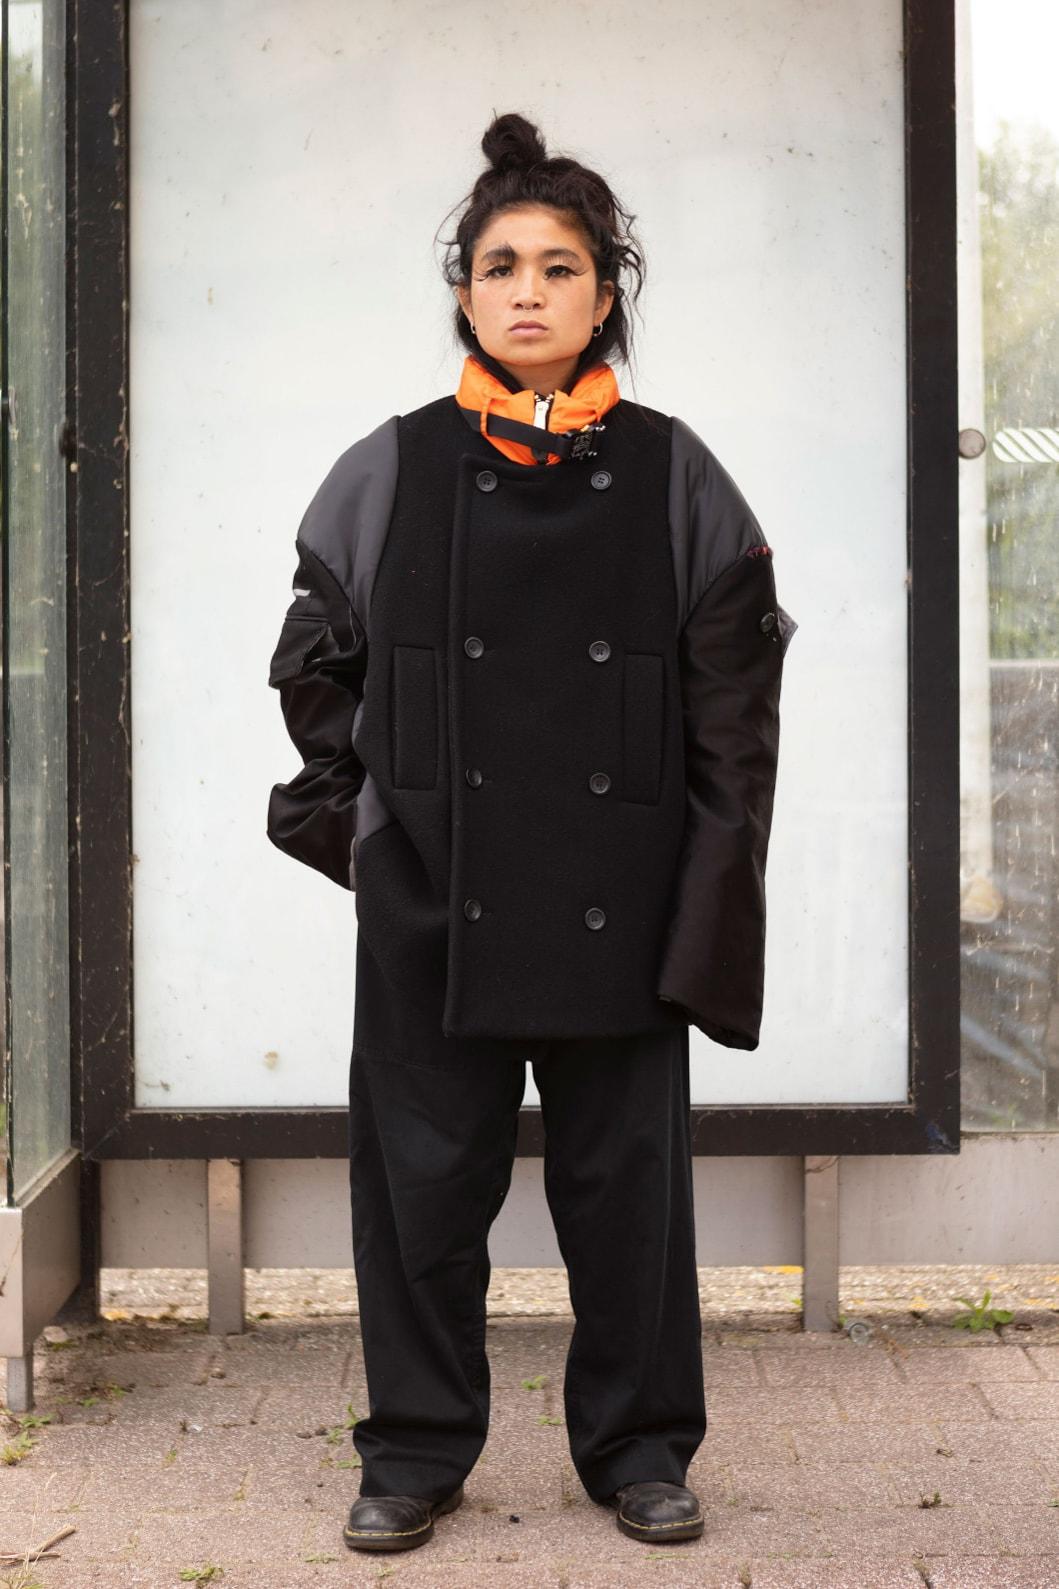 本年務必留意新銳時裝品牌|Home Chat:專訪設計師 Duran Lantink